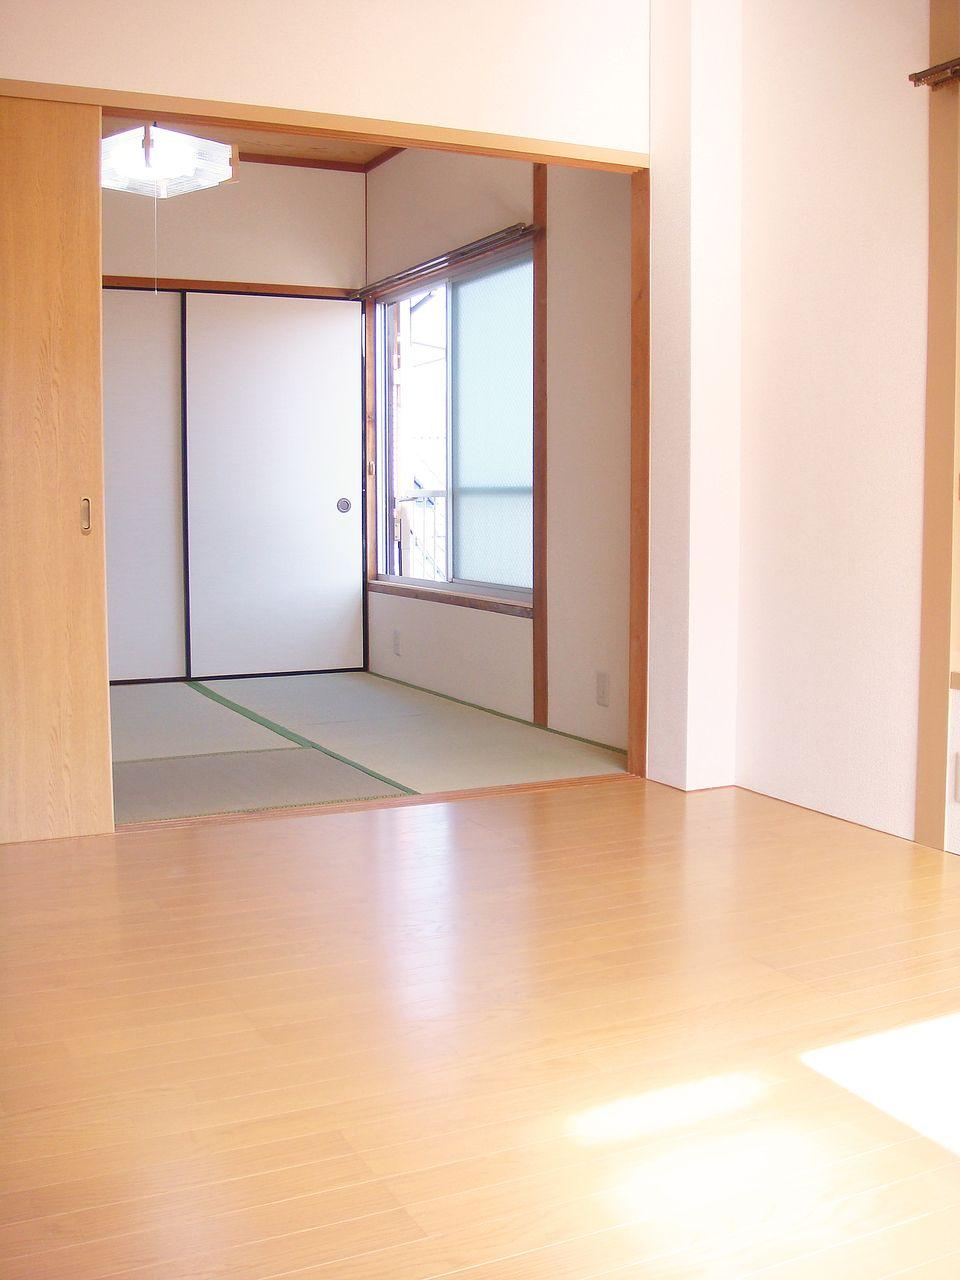 仕切りを外すと10.5畳のお部屋に大変身!角部屋なので窓も多いので、のびのびとした生活を送れそう。